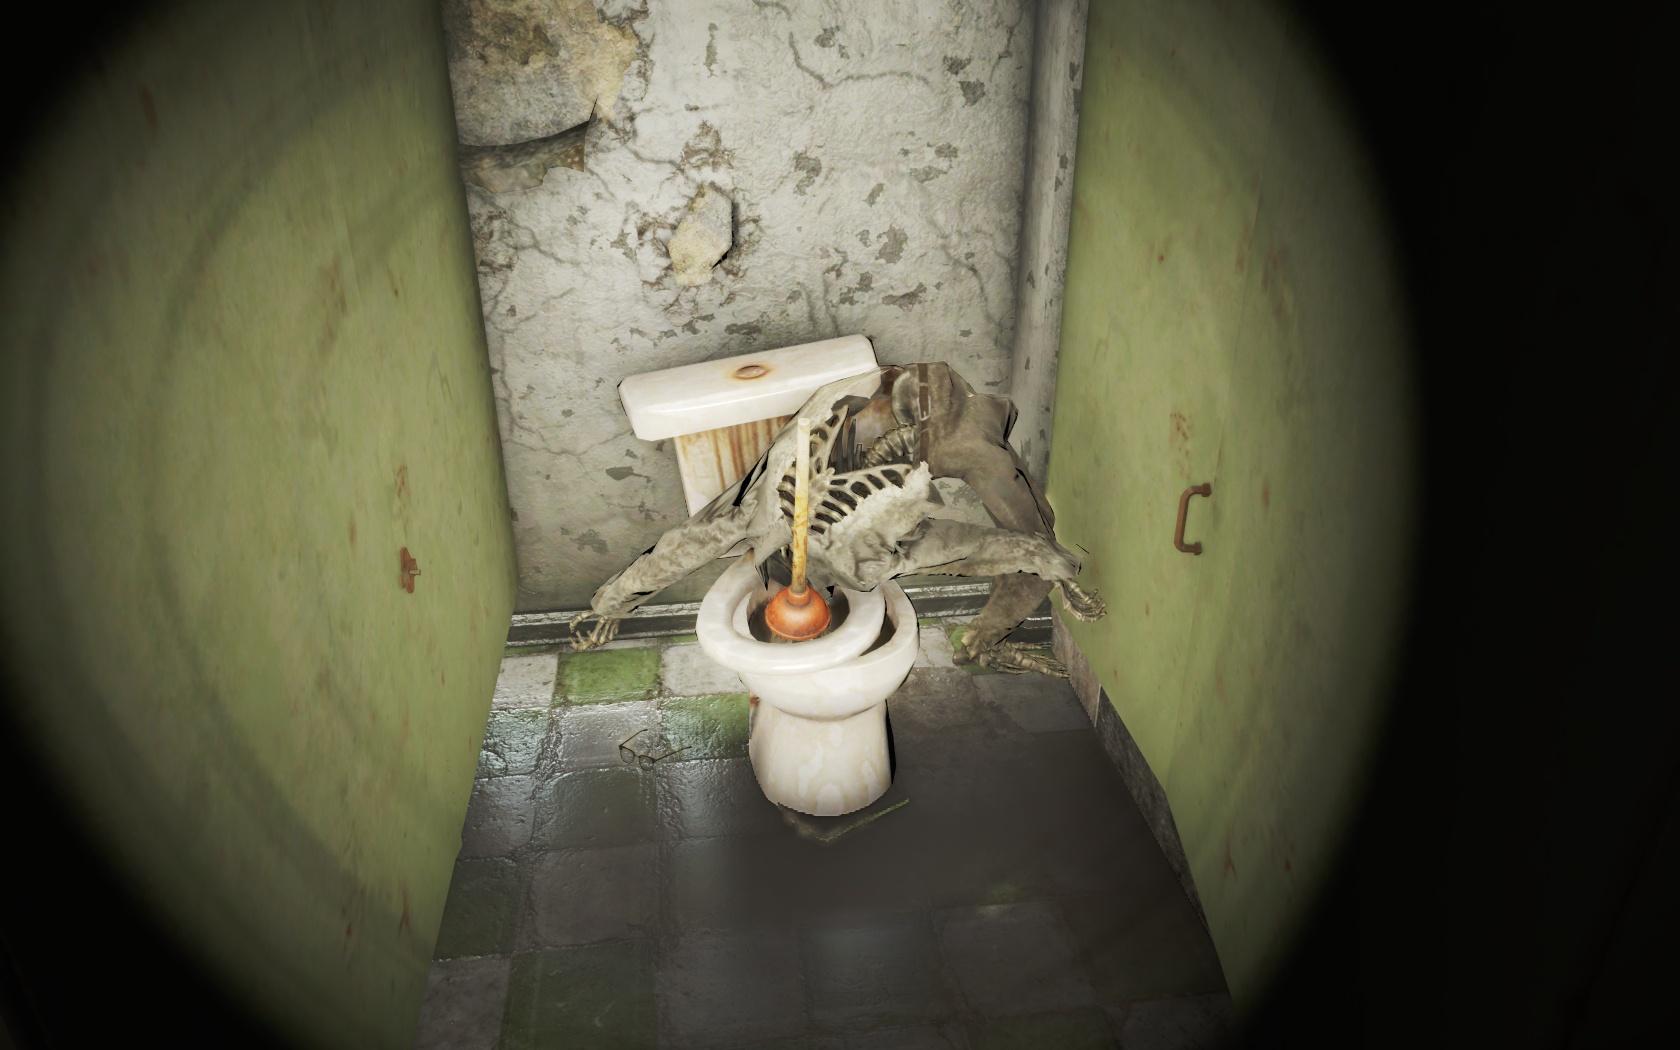 Его прям запихивали мордой в унитаз (Медцентр Массачусетс-Бэй) - Fallout 4 Массачусетс, Массачусетс-Бэй, Медцентр, Медцентр Массачусетс-Бэй, скелет